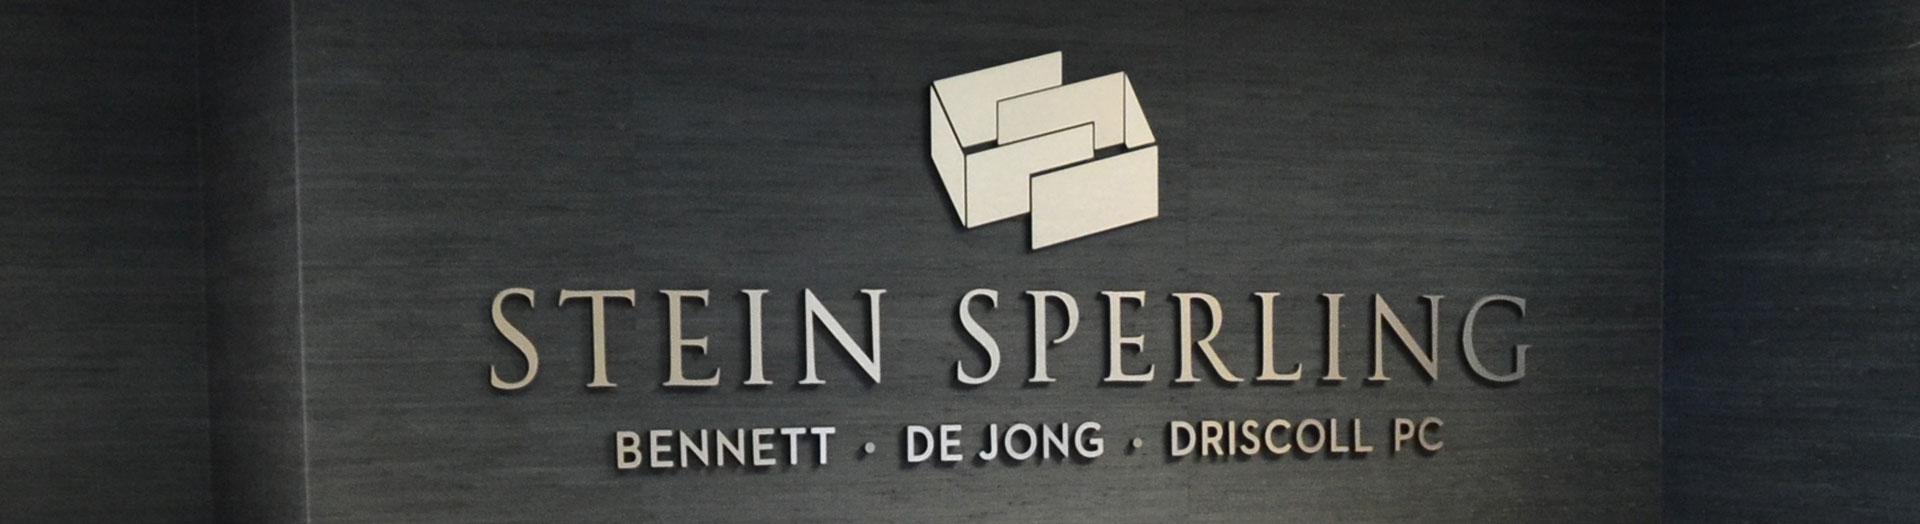 Stein Sperling